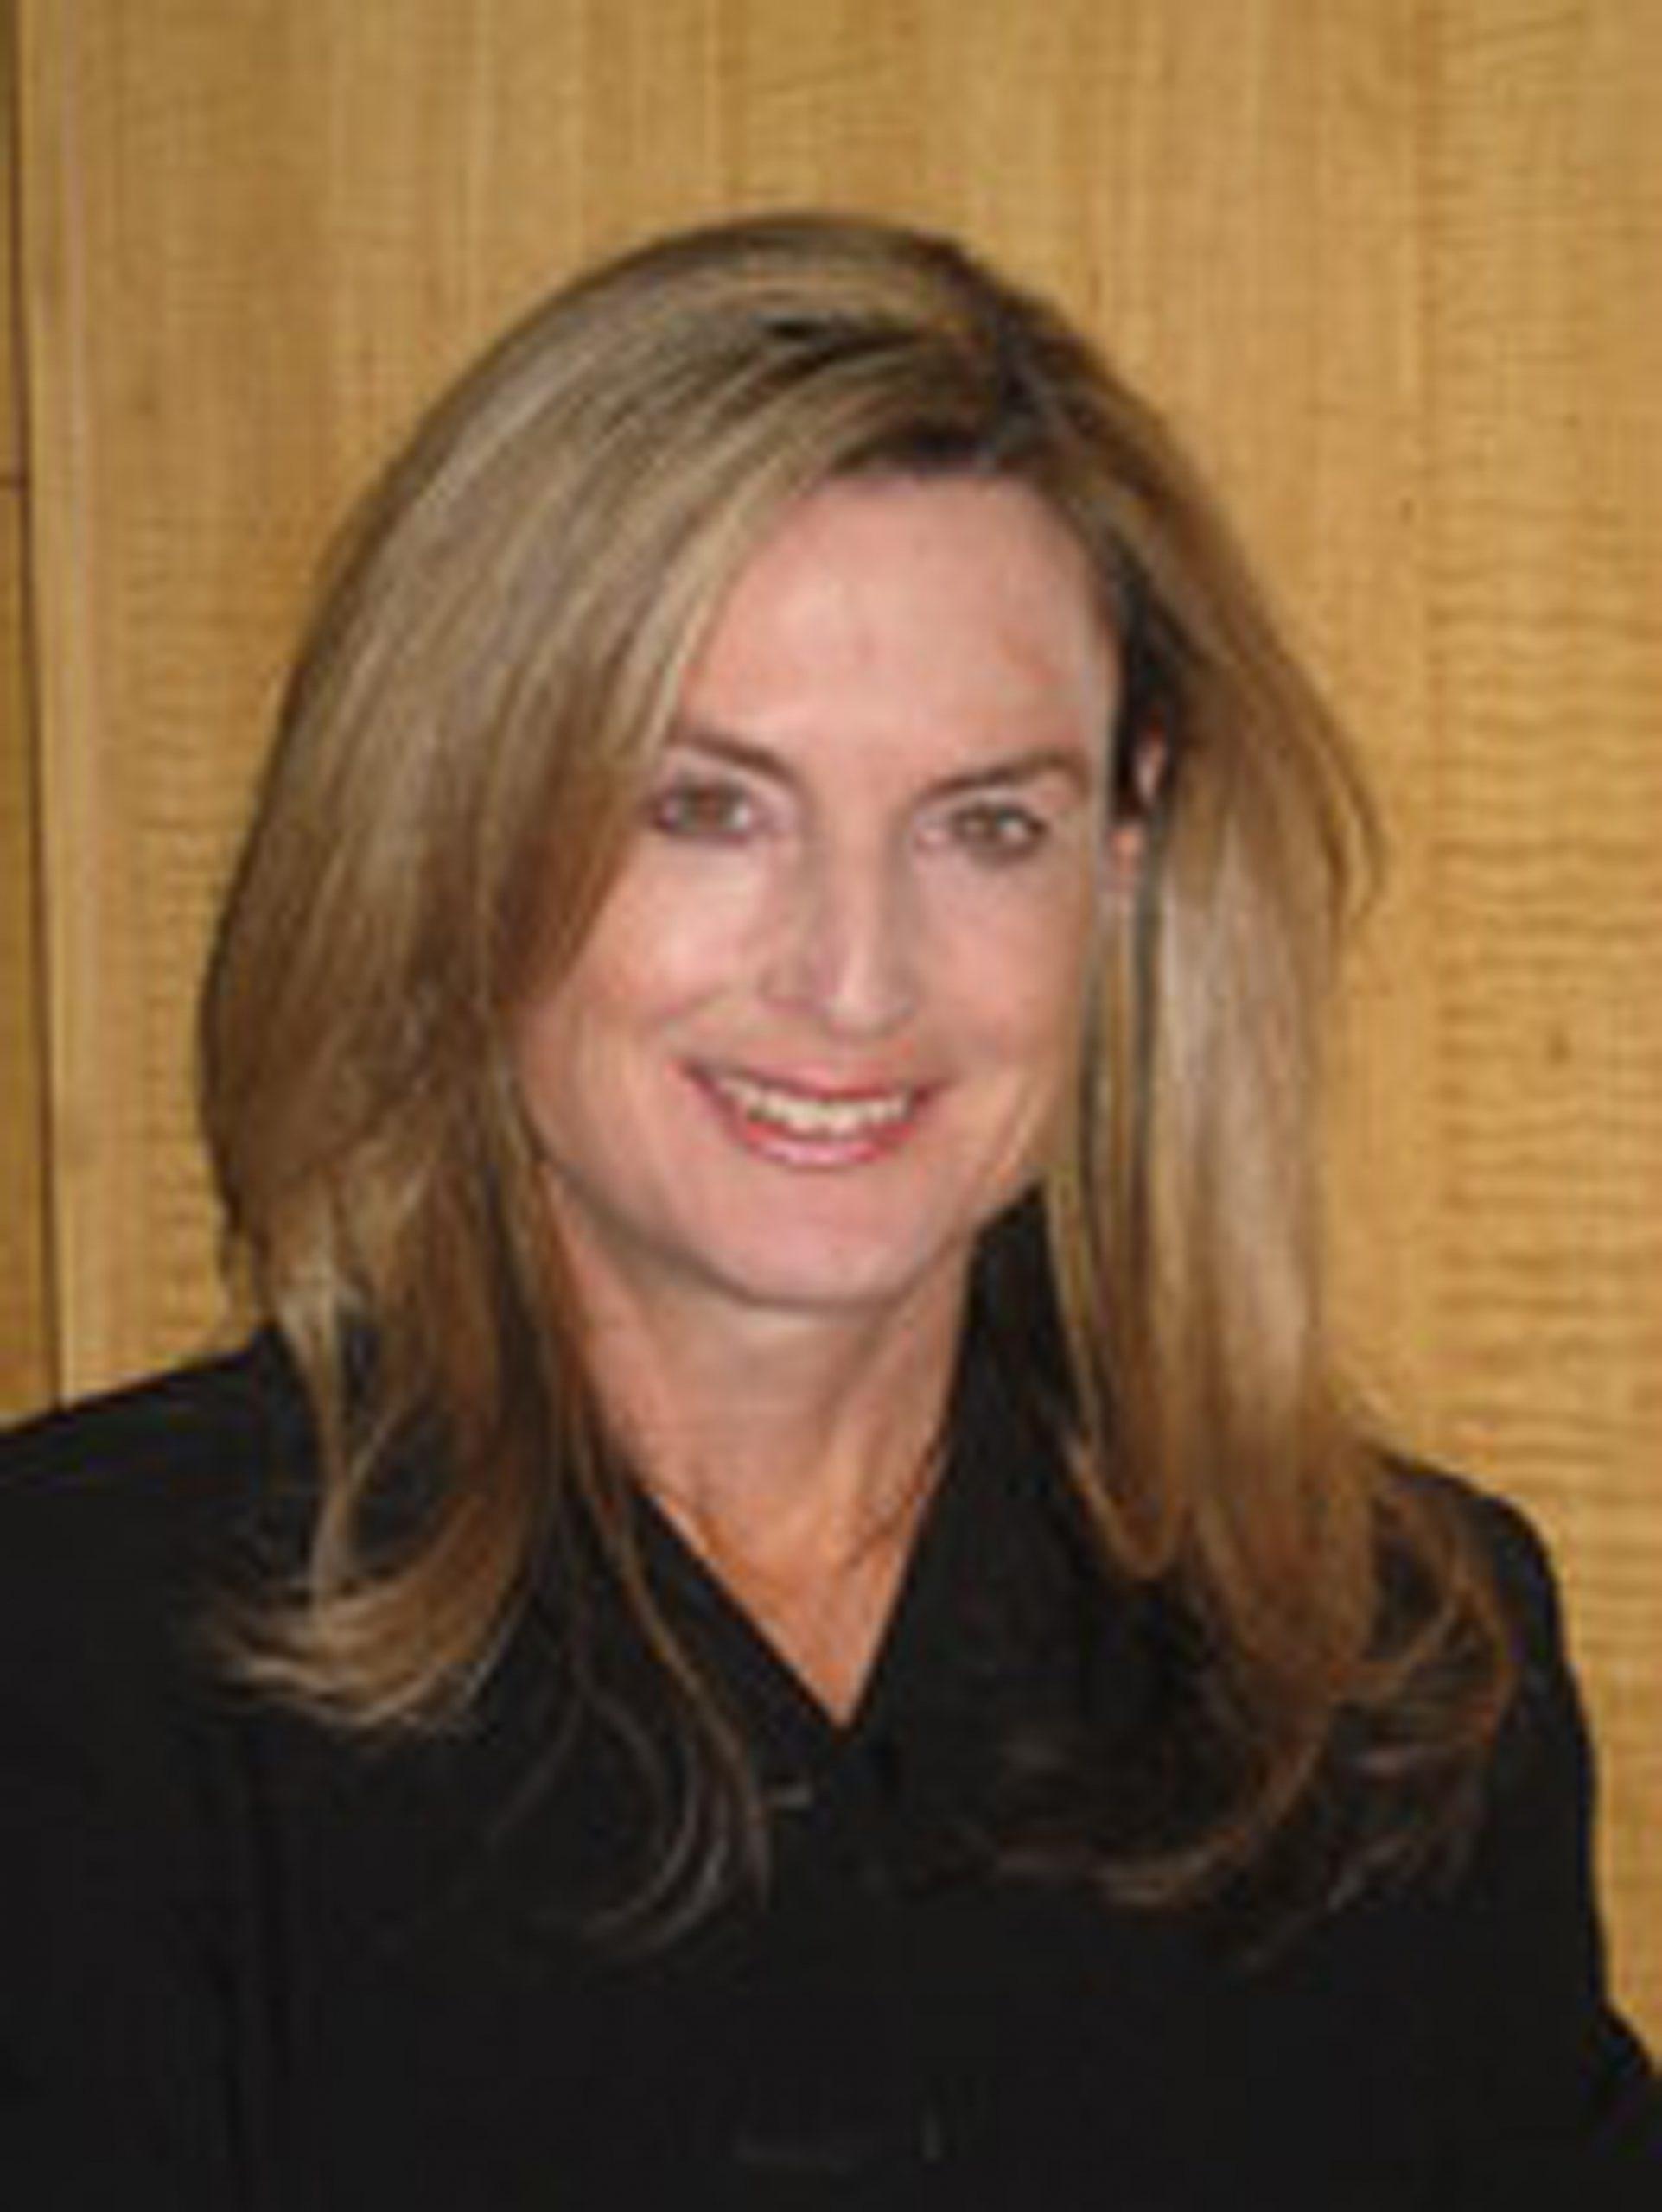 Lyda Bigelow, assistant professor at the University of Utah David Eccles School of Business.